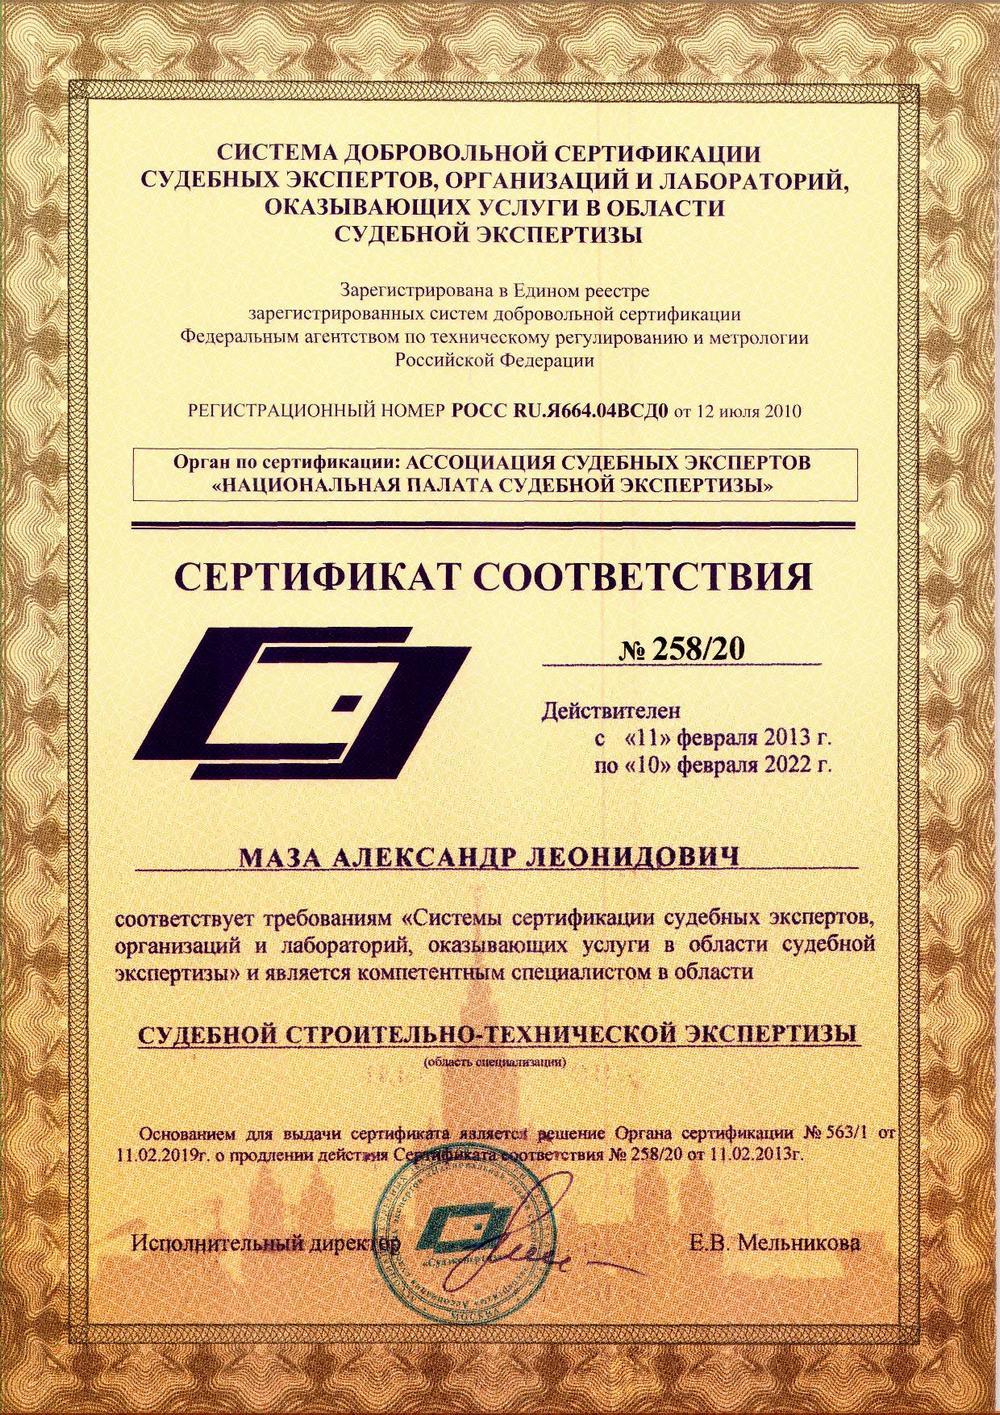 Документы ООО Юг Эксперт  Диплом и сертификат генерального директора компании участника 11 й и 14 й международной конференции строительных экспертов г Прага ноябрь 2013 год